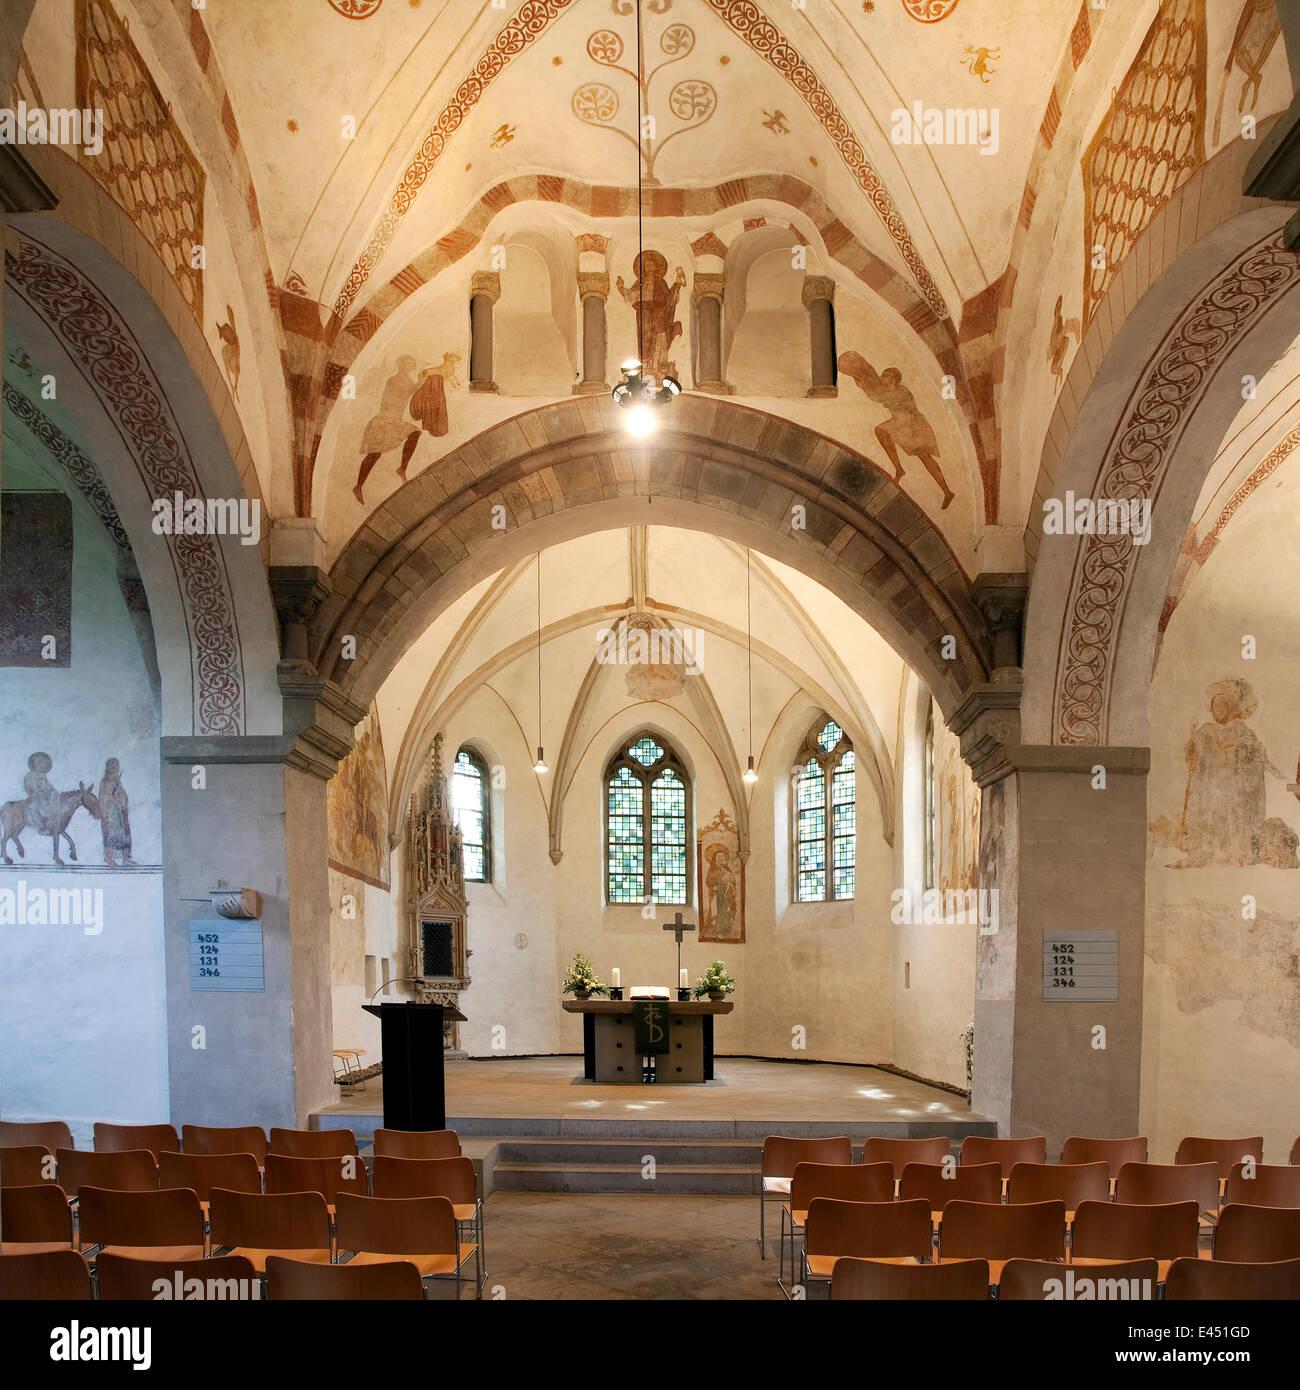 Iglesia del pueblo Stiepel, interior, Bochum, districto de Ruhr, Renania del Norte-Westfalia, Alemania Foto de stock